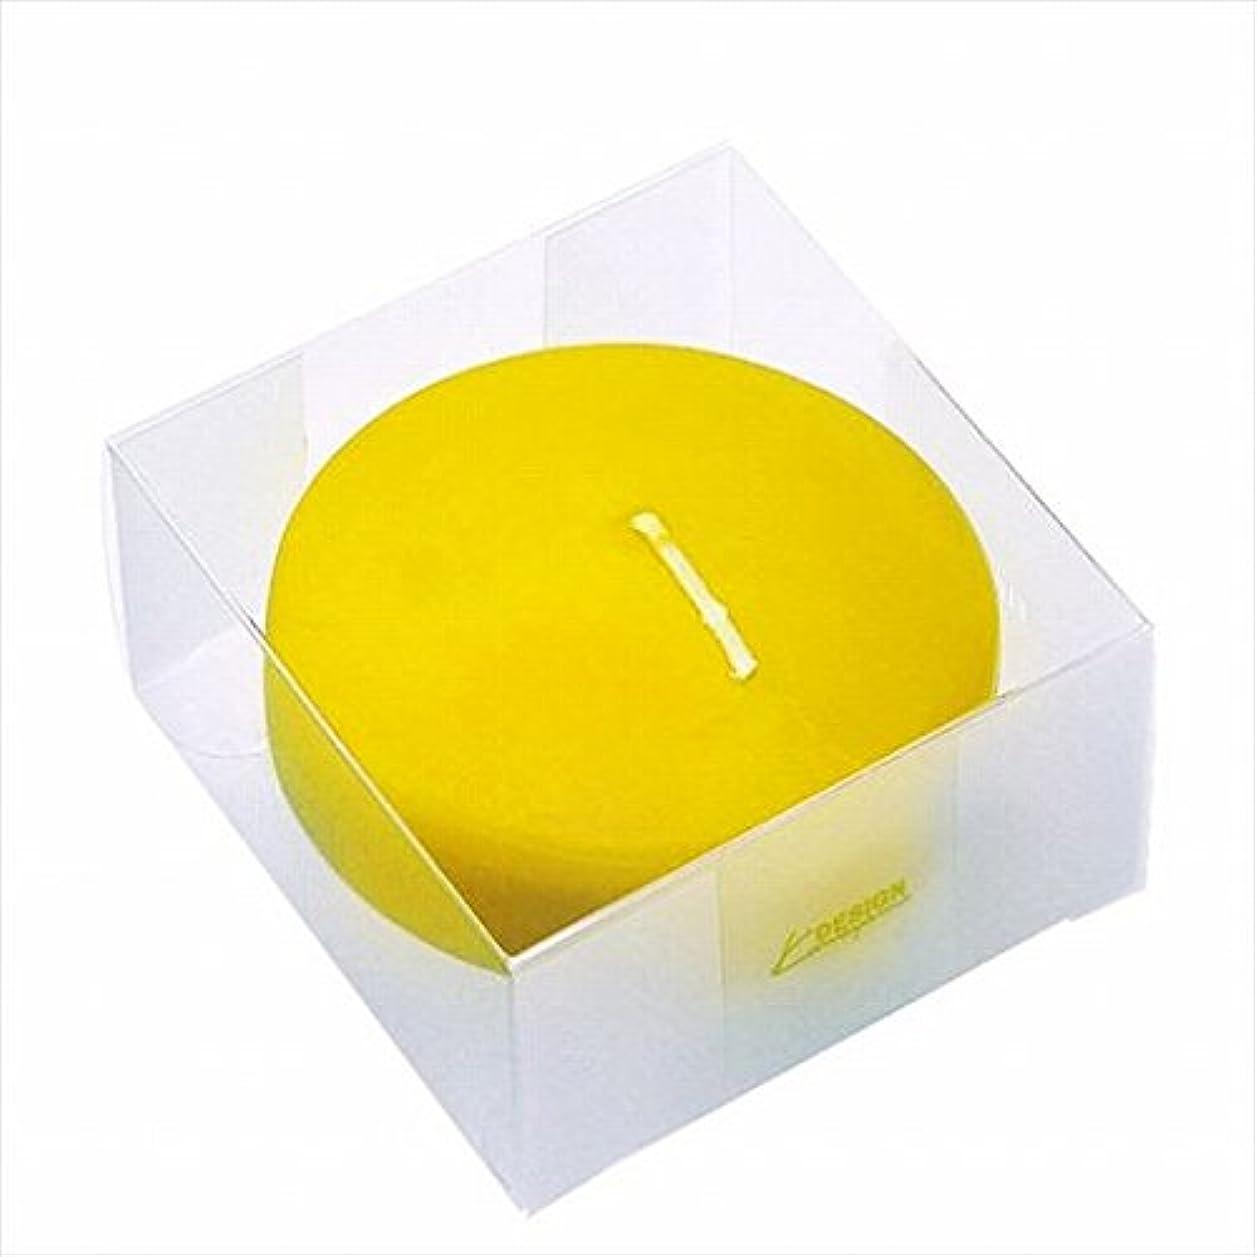 潜水艦ネクタイインタネットを見るカメヤマキャンドル(kameyama candle) プール80(箱入り) 「 サン 」